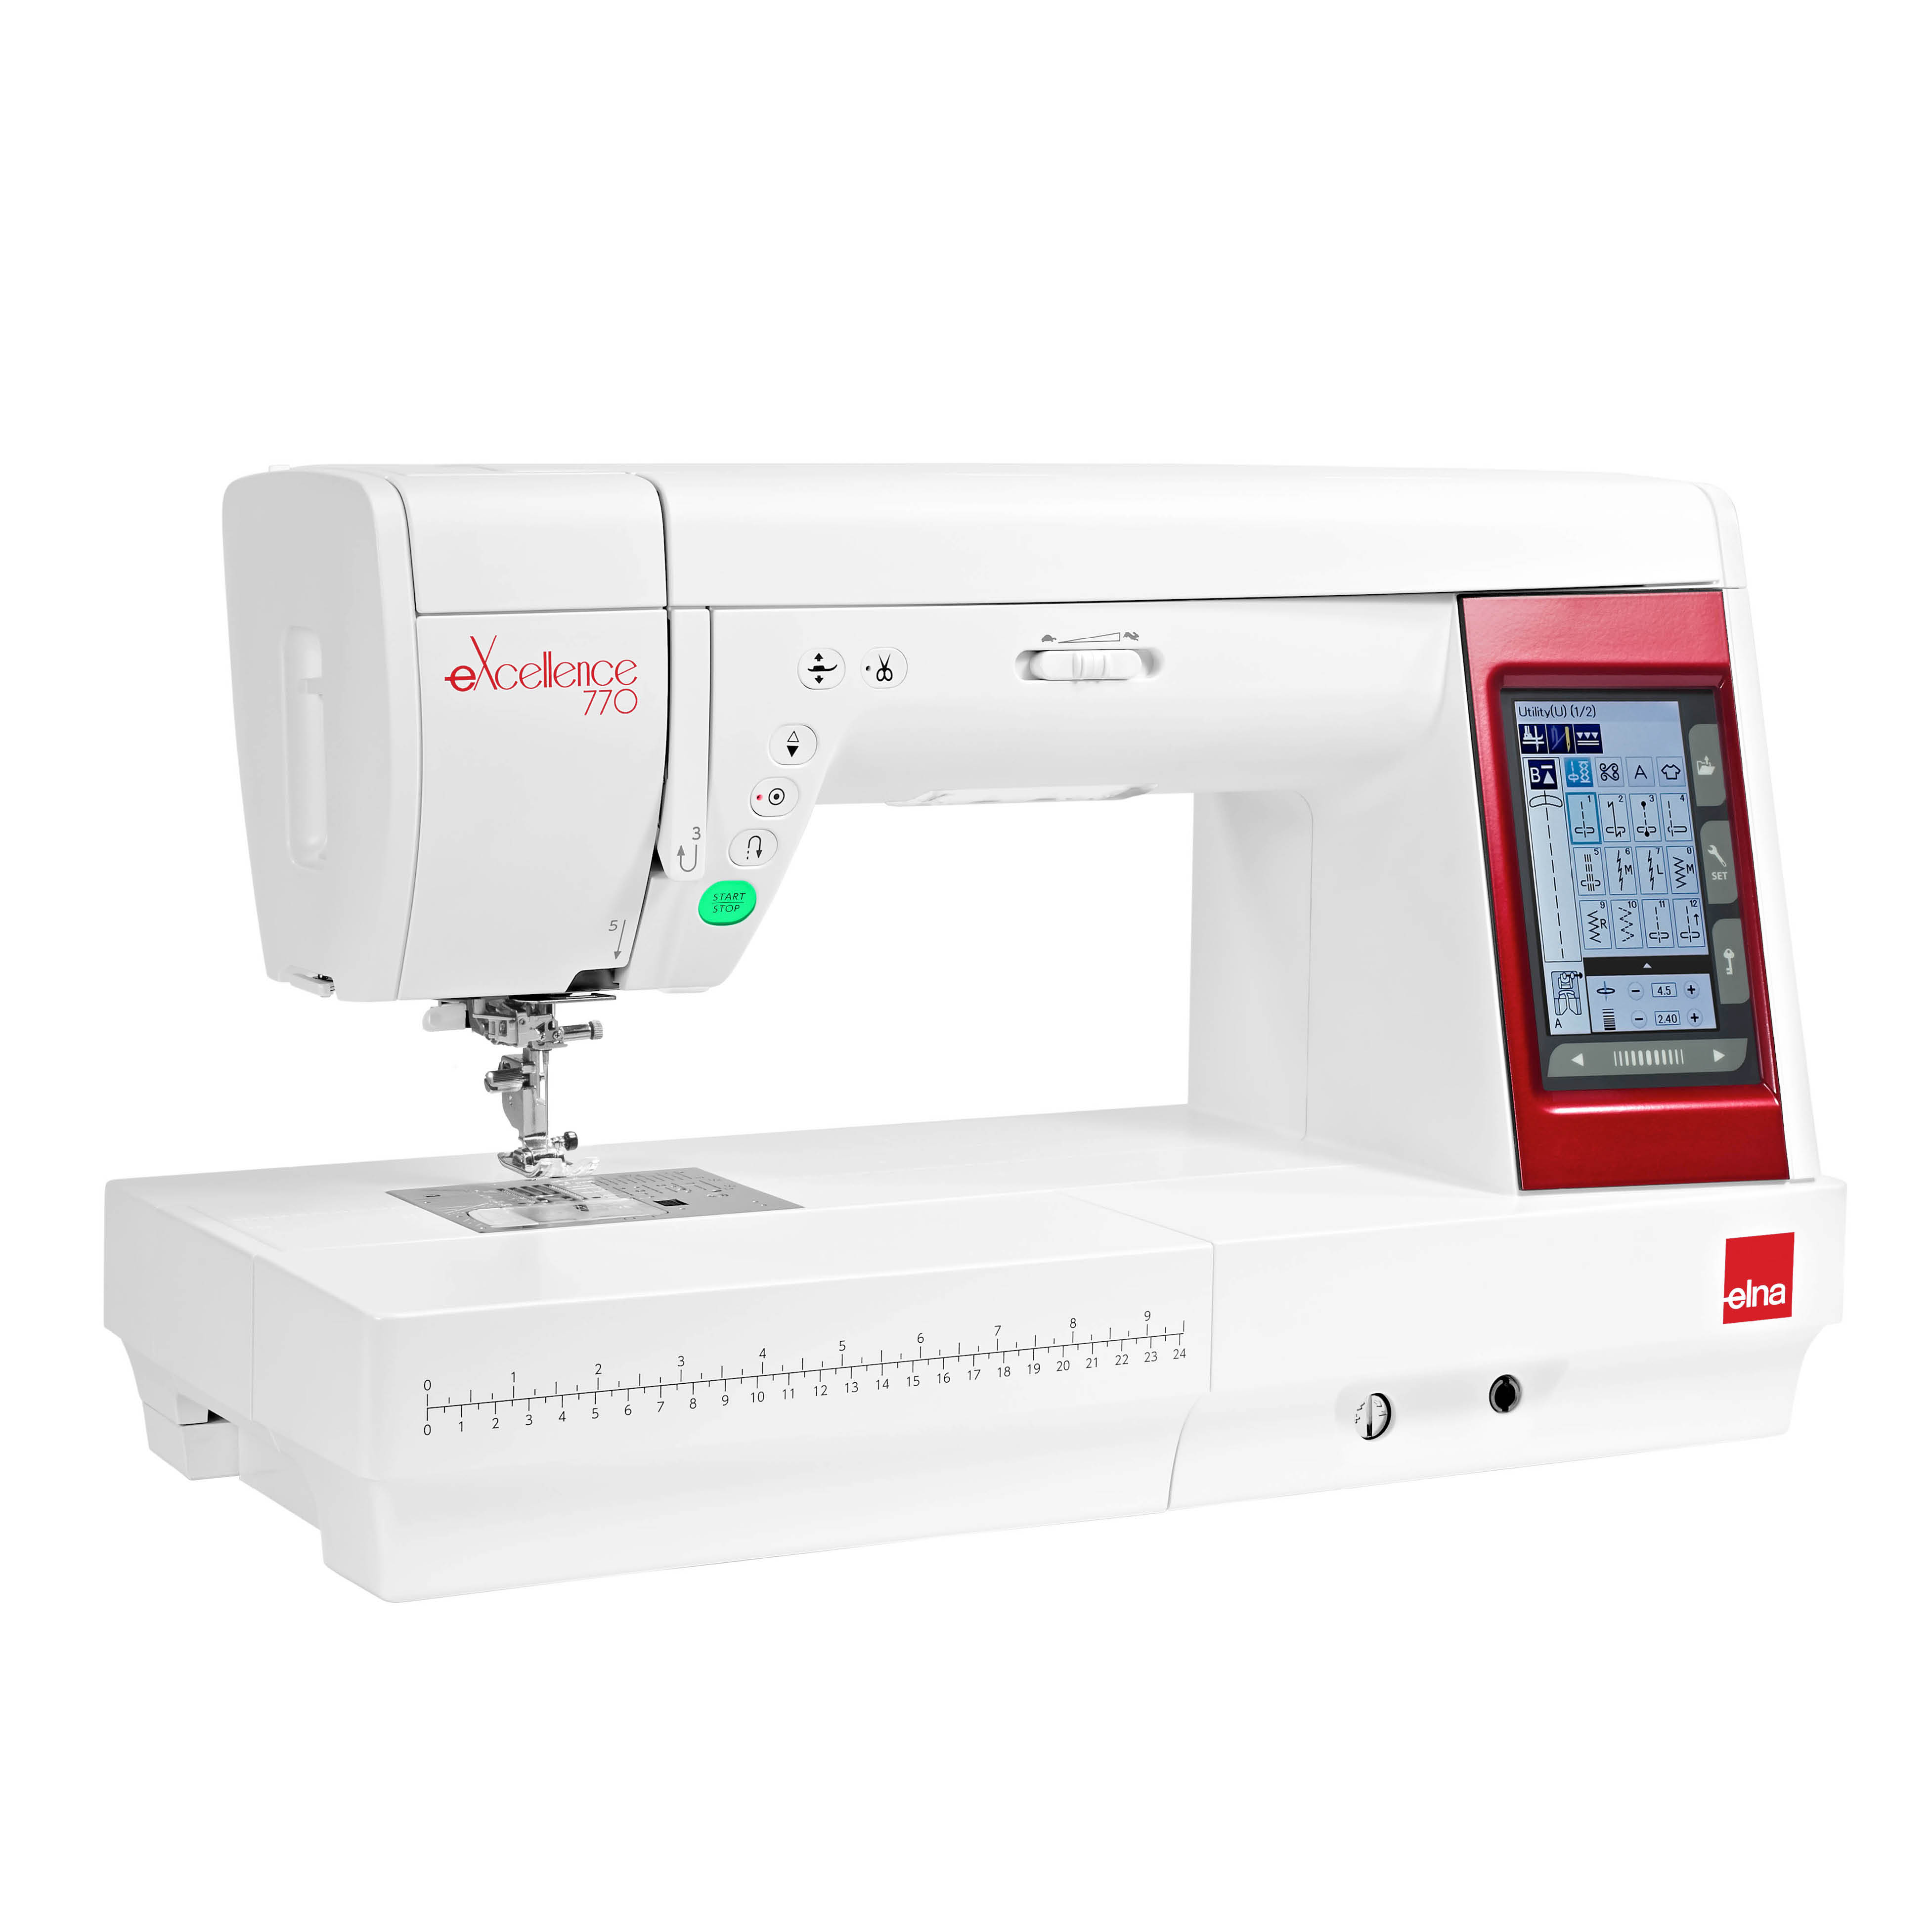 Maquina de coser Elna Excellence 770